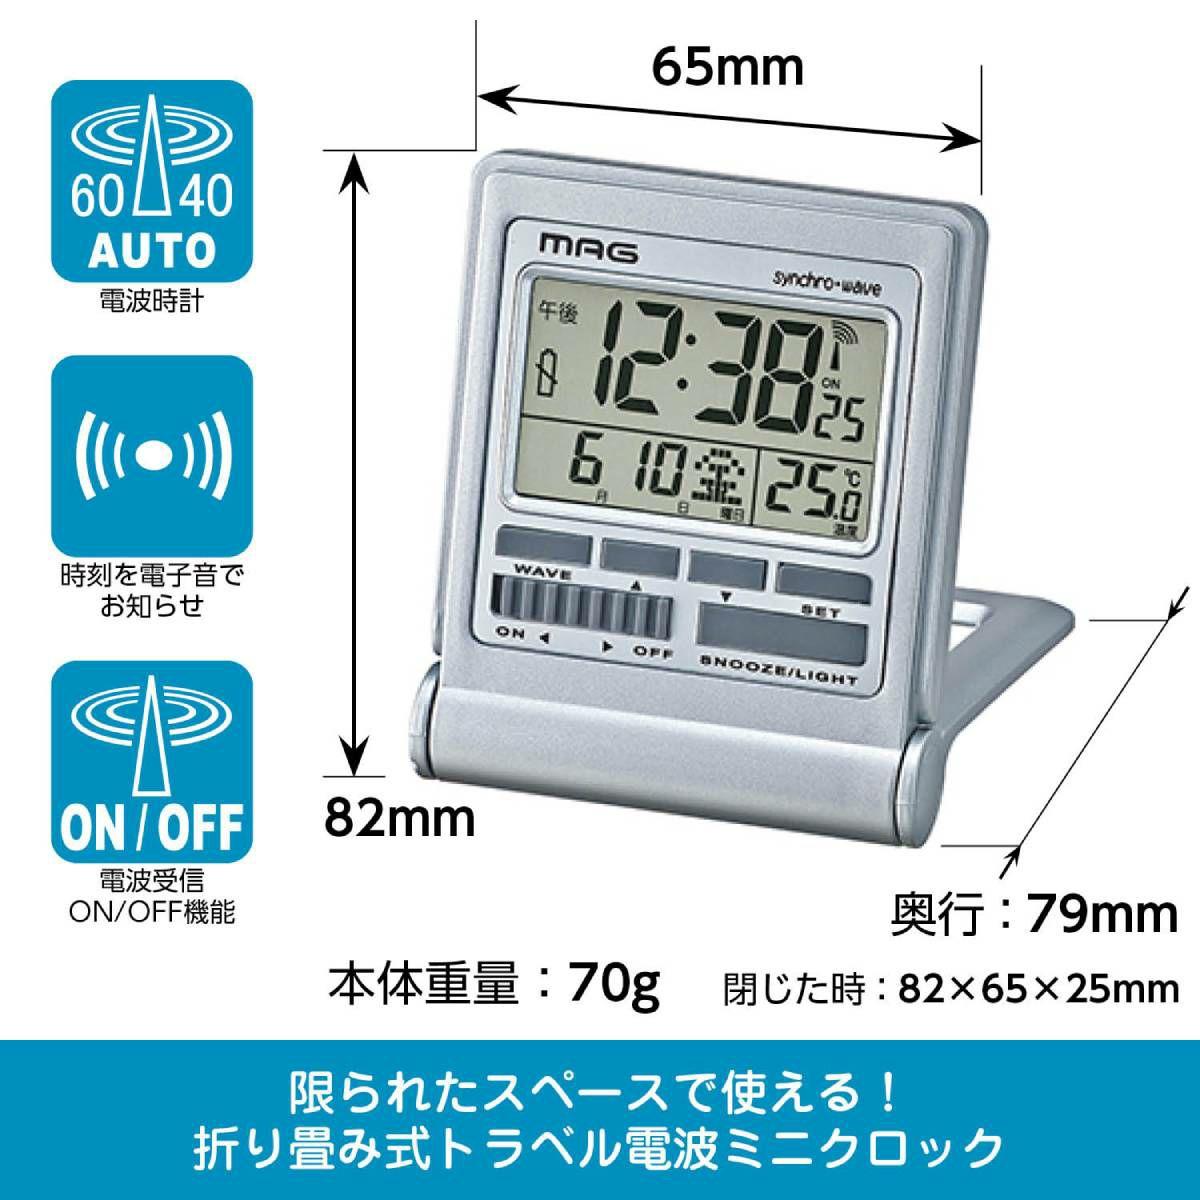 MAG(マグ) 電波置時計ミネルバ T-714